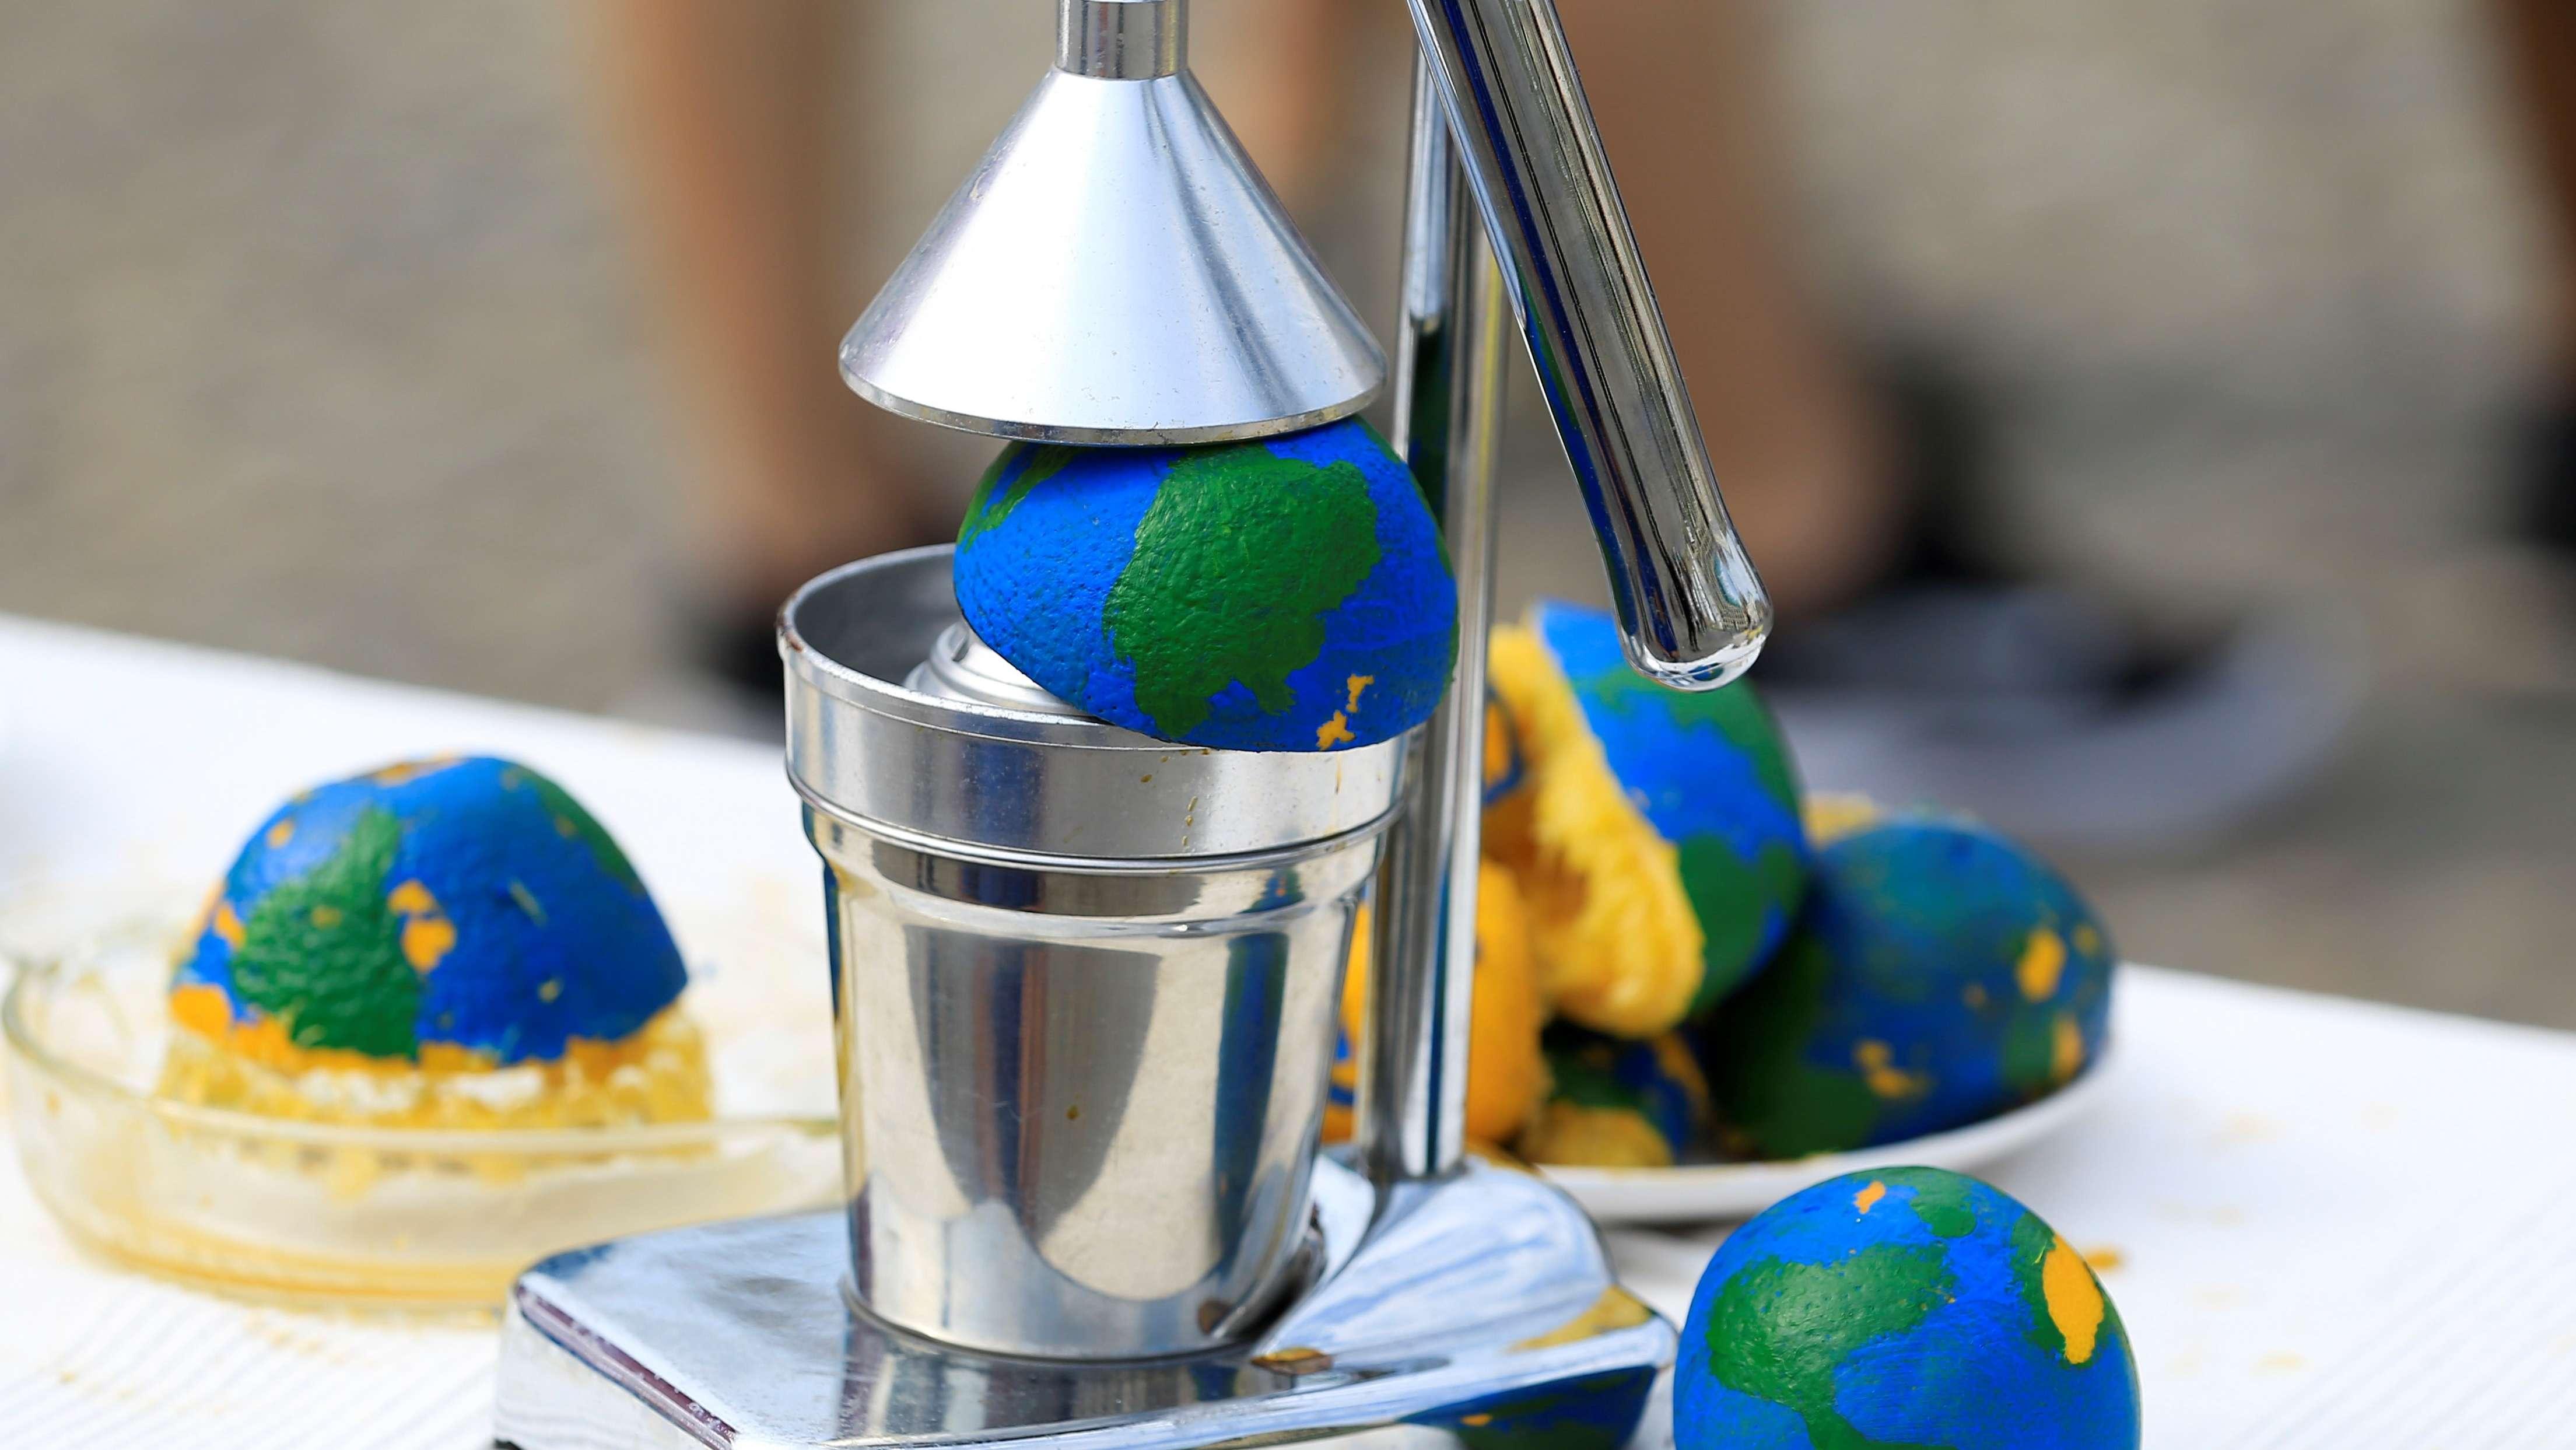 Symbolbild für den Earth Overshoot Day (Erdüberlastungstag, Tag der Ökoschulden) mit ausgepressten Orangen als Globus-Symbole